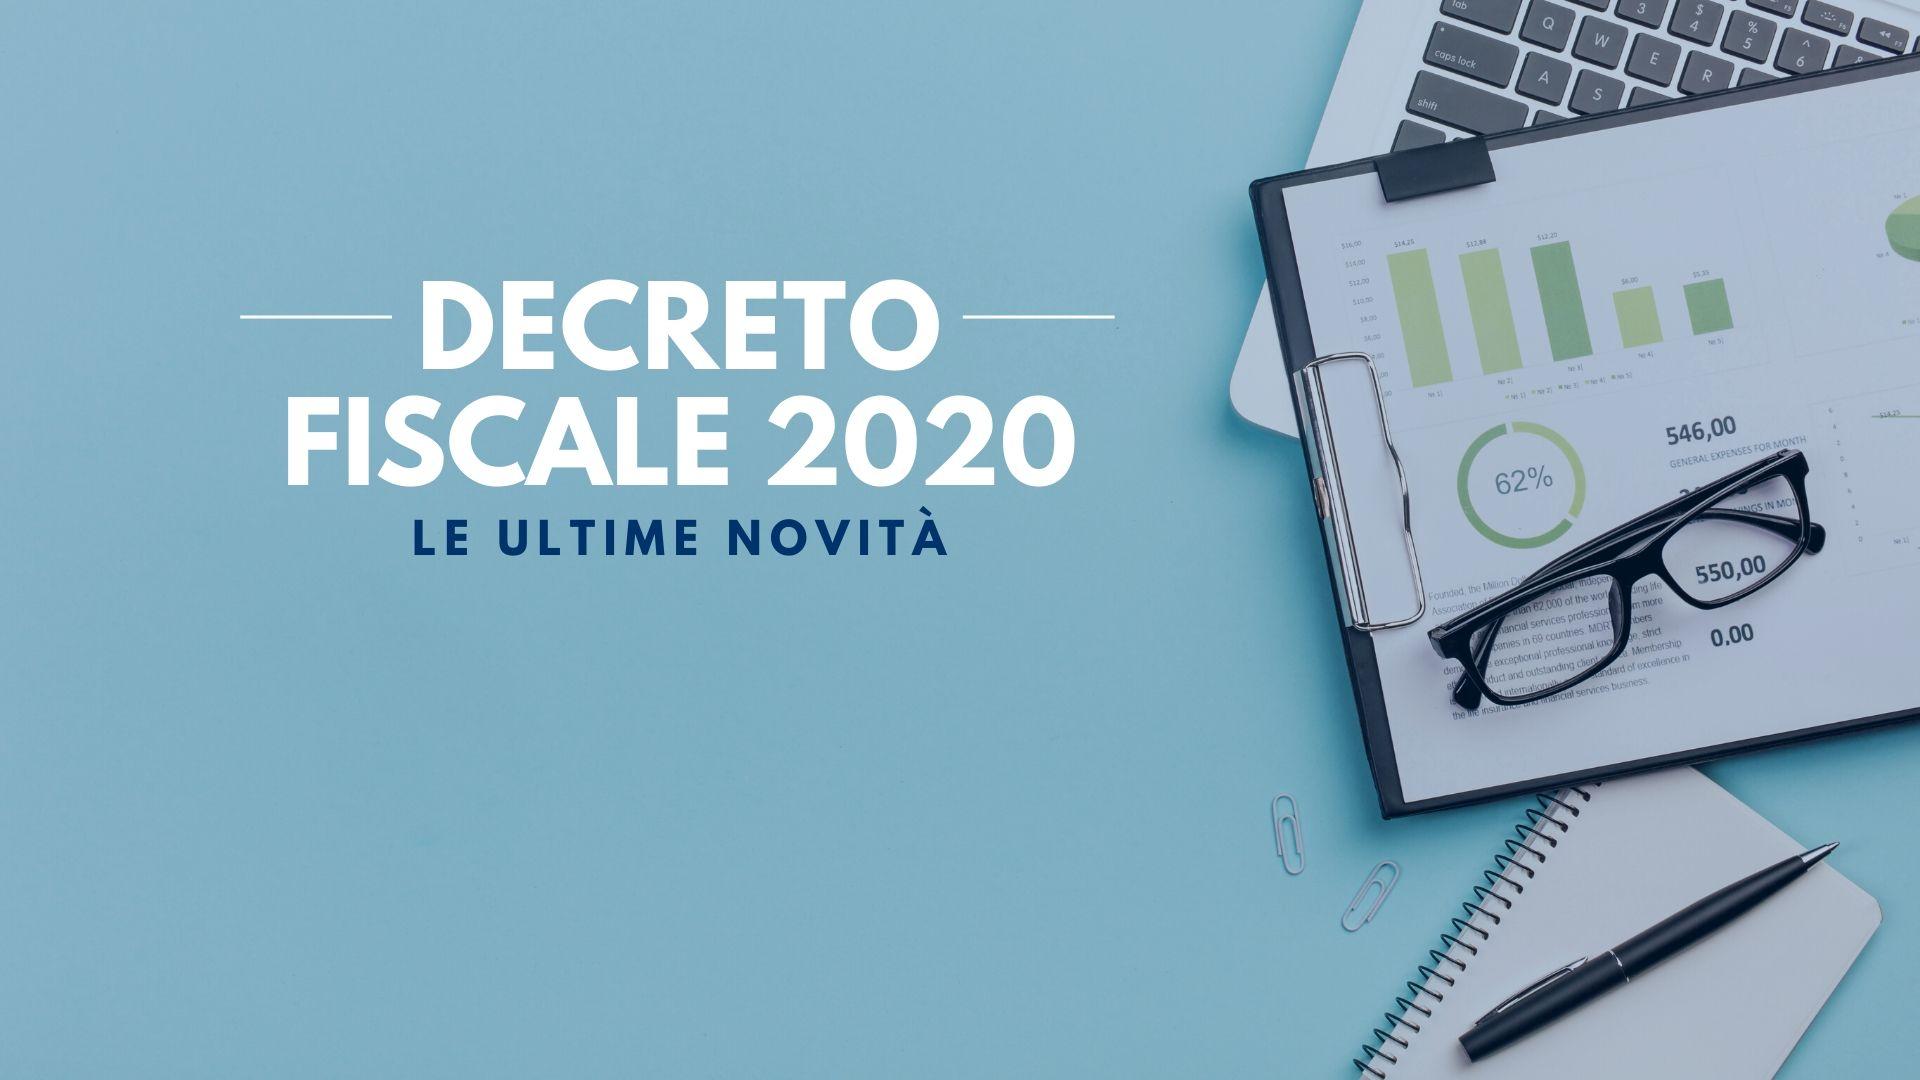 Le novità del Decreto Fiscale 2020 (D.L. 124/2019)